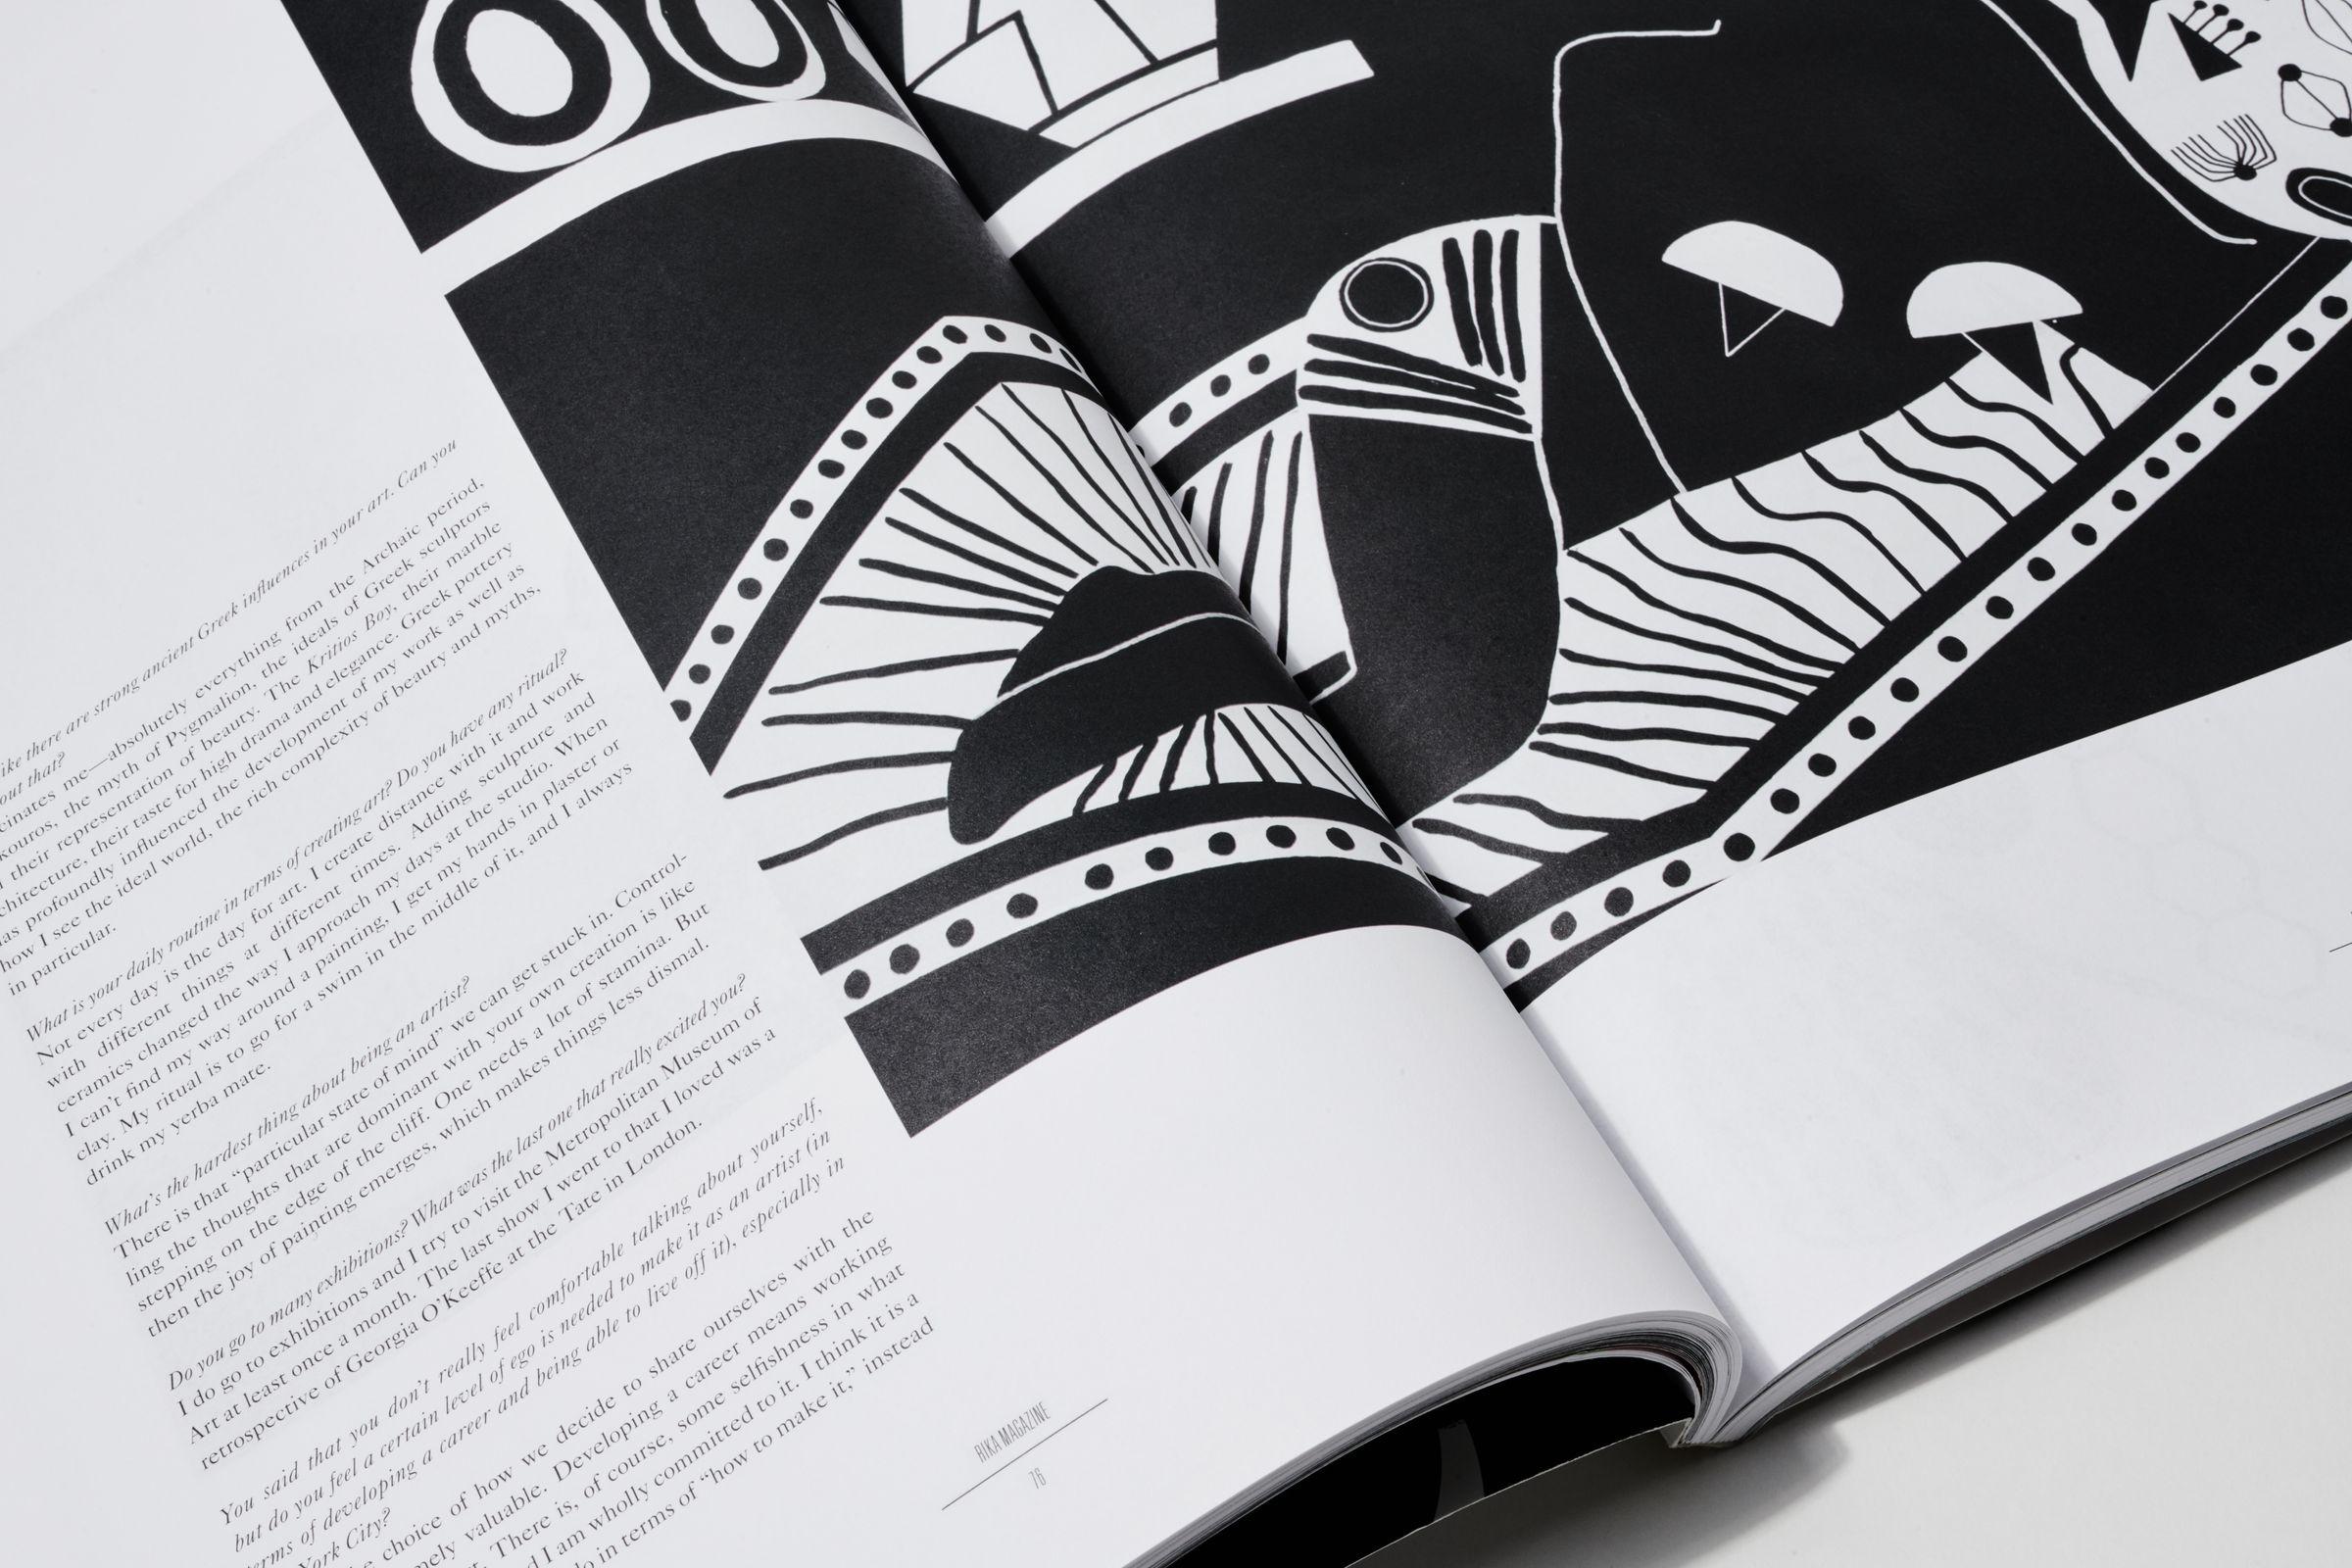 Rika Magazine issue no. 15 spread detail